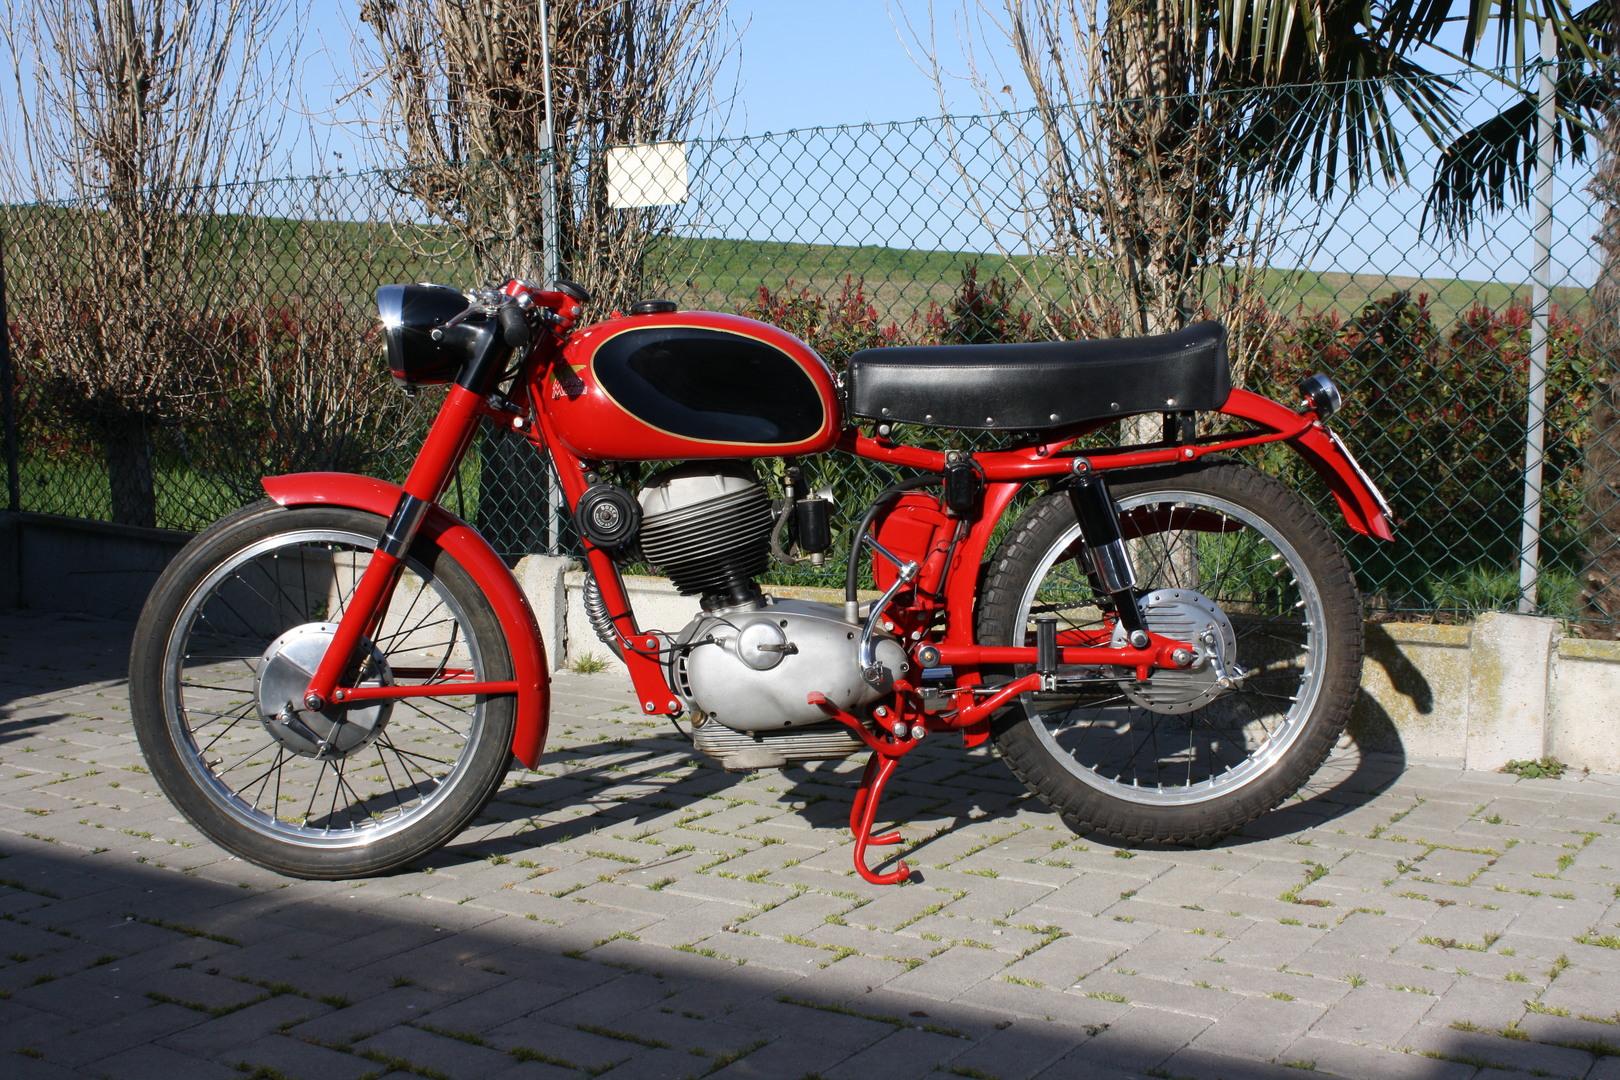 Moto Morini 175 settebello 1956